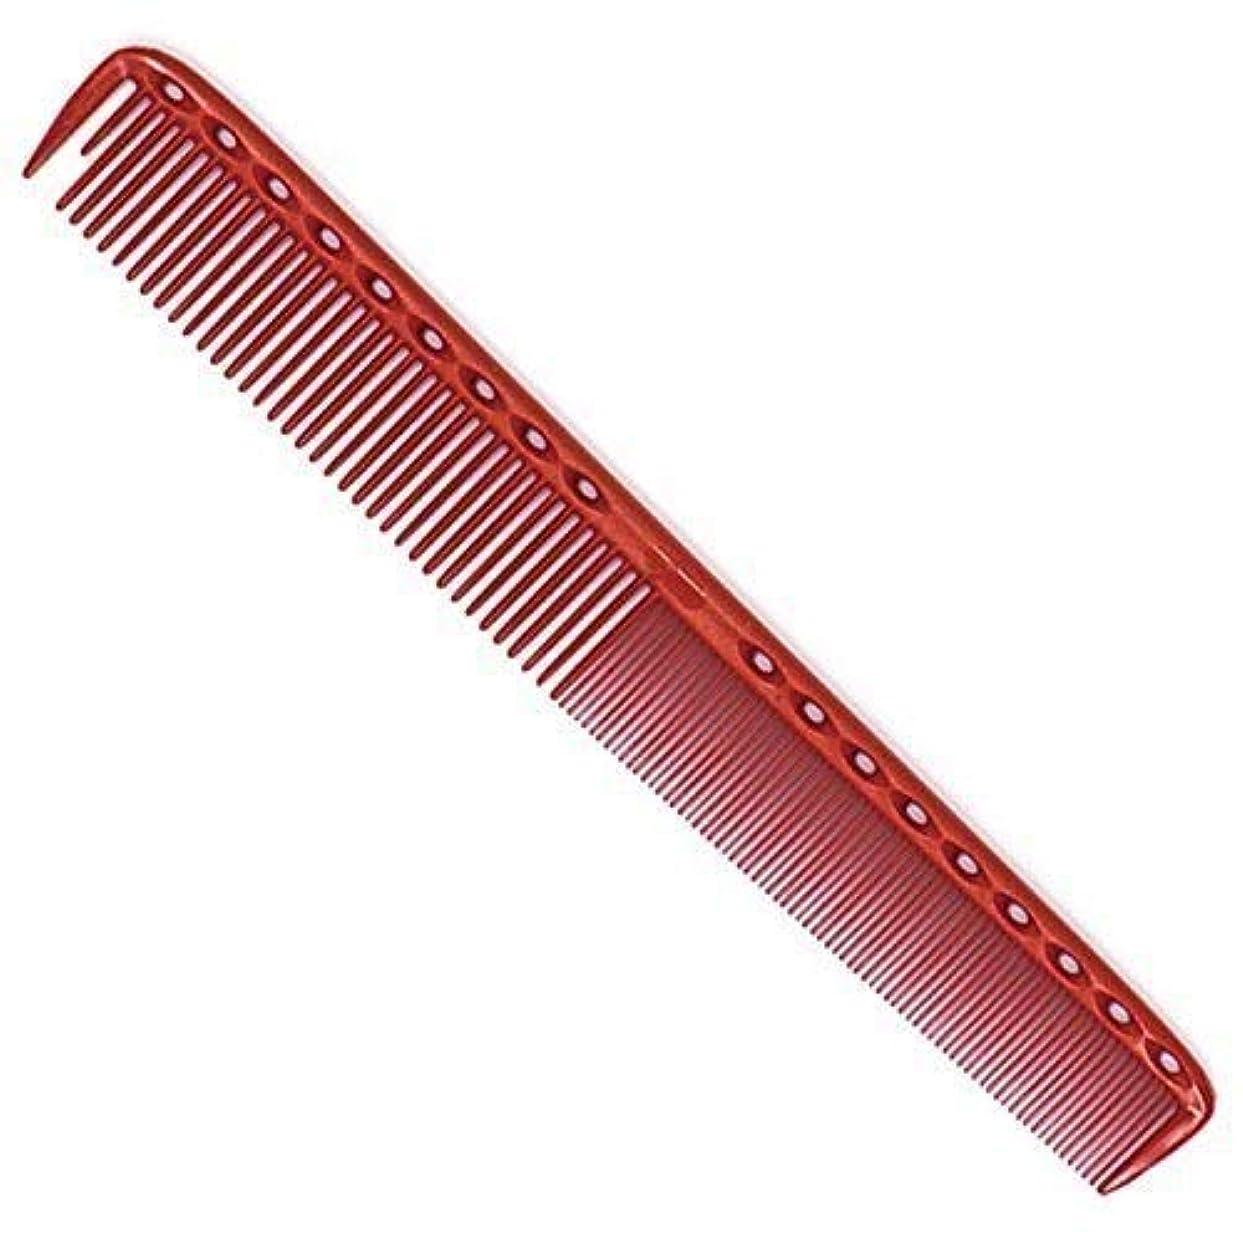 インタビュー相関する防腐剤YS Park 335 Extra Long Fine Cutting Comb 8.5